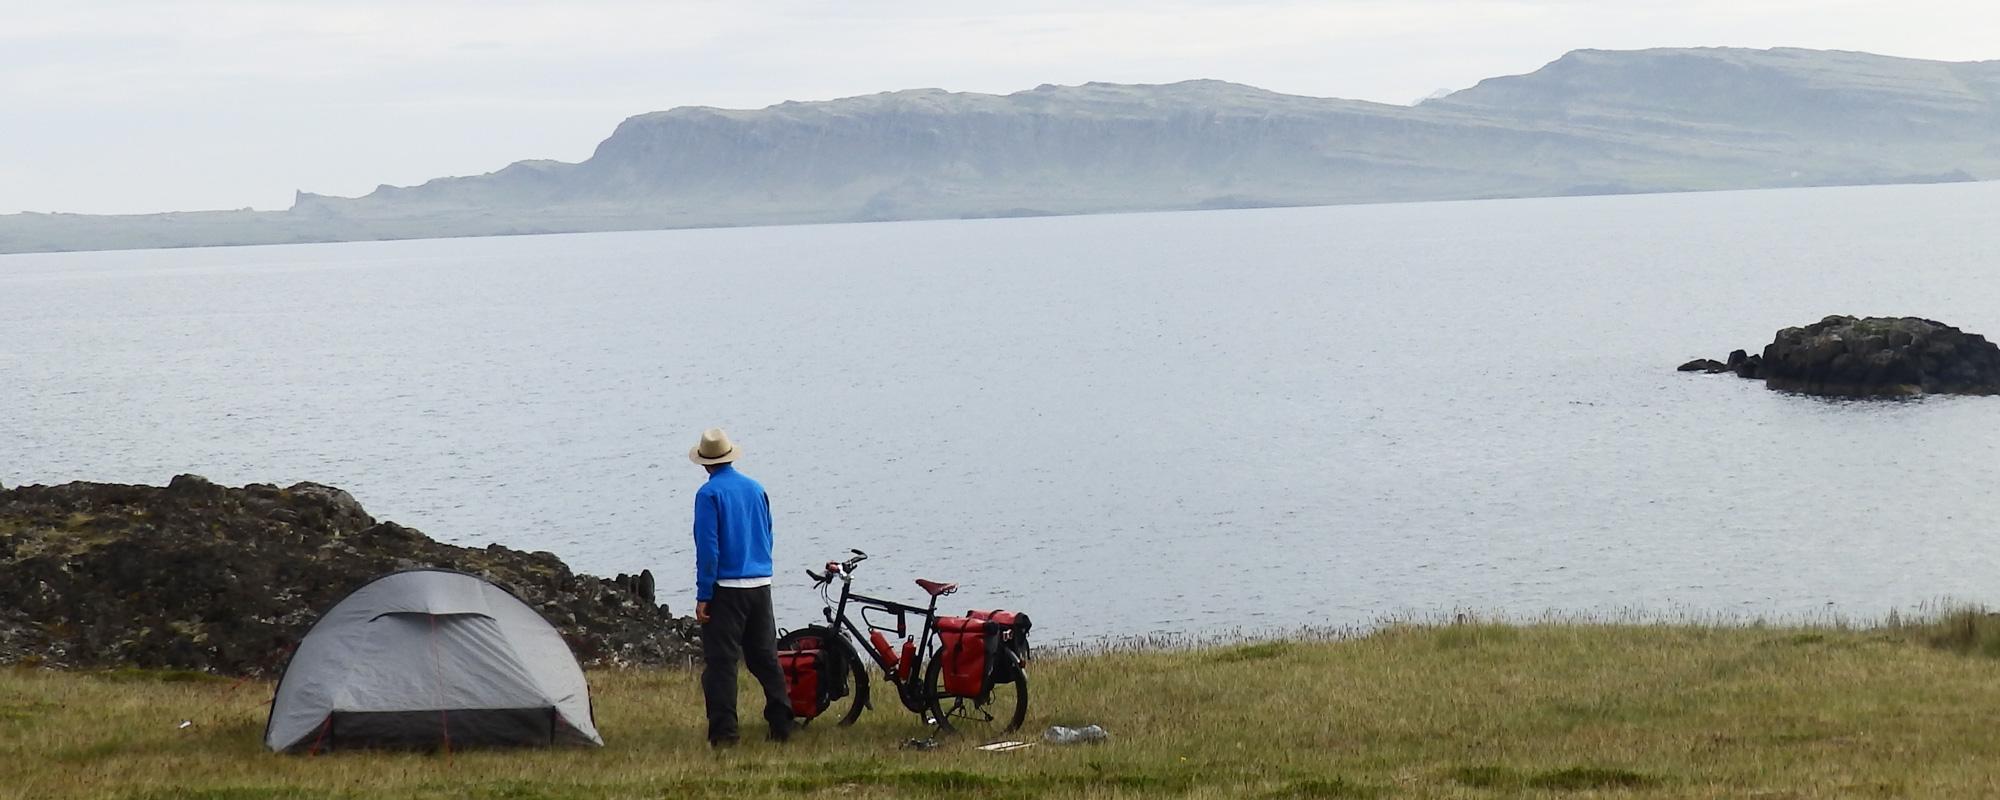 En Islande à vélo en 2014, campement au pied d'un fjord dans l'Est